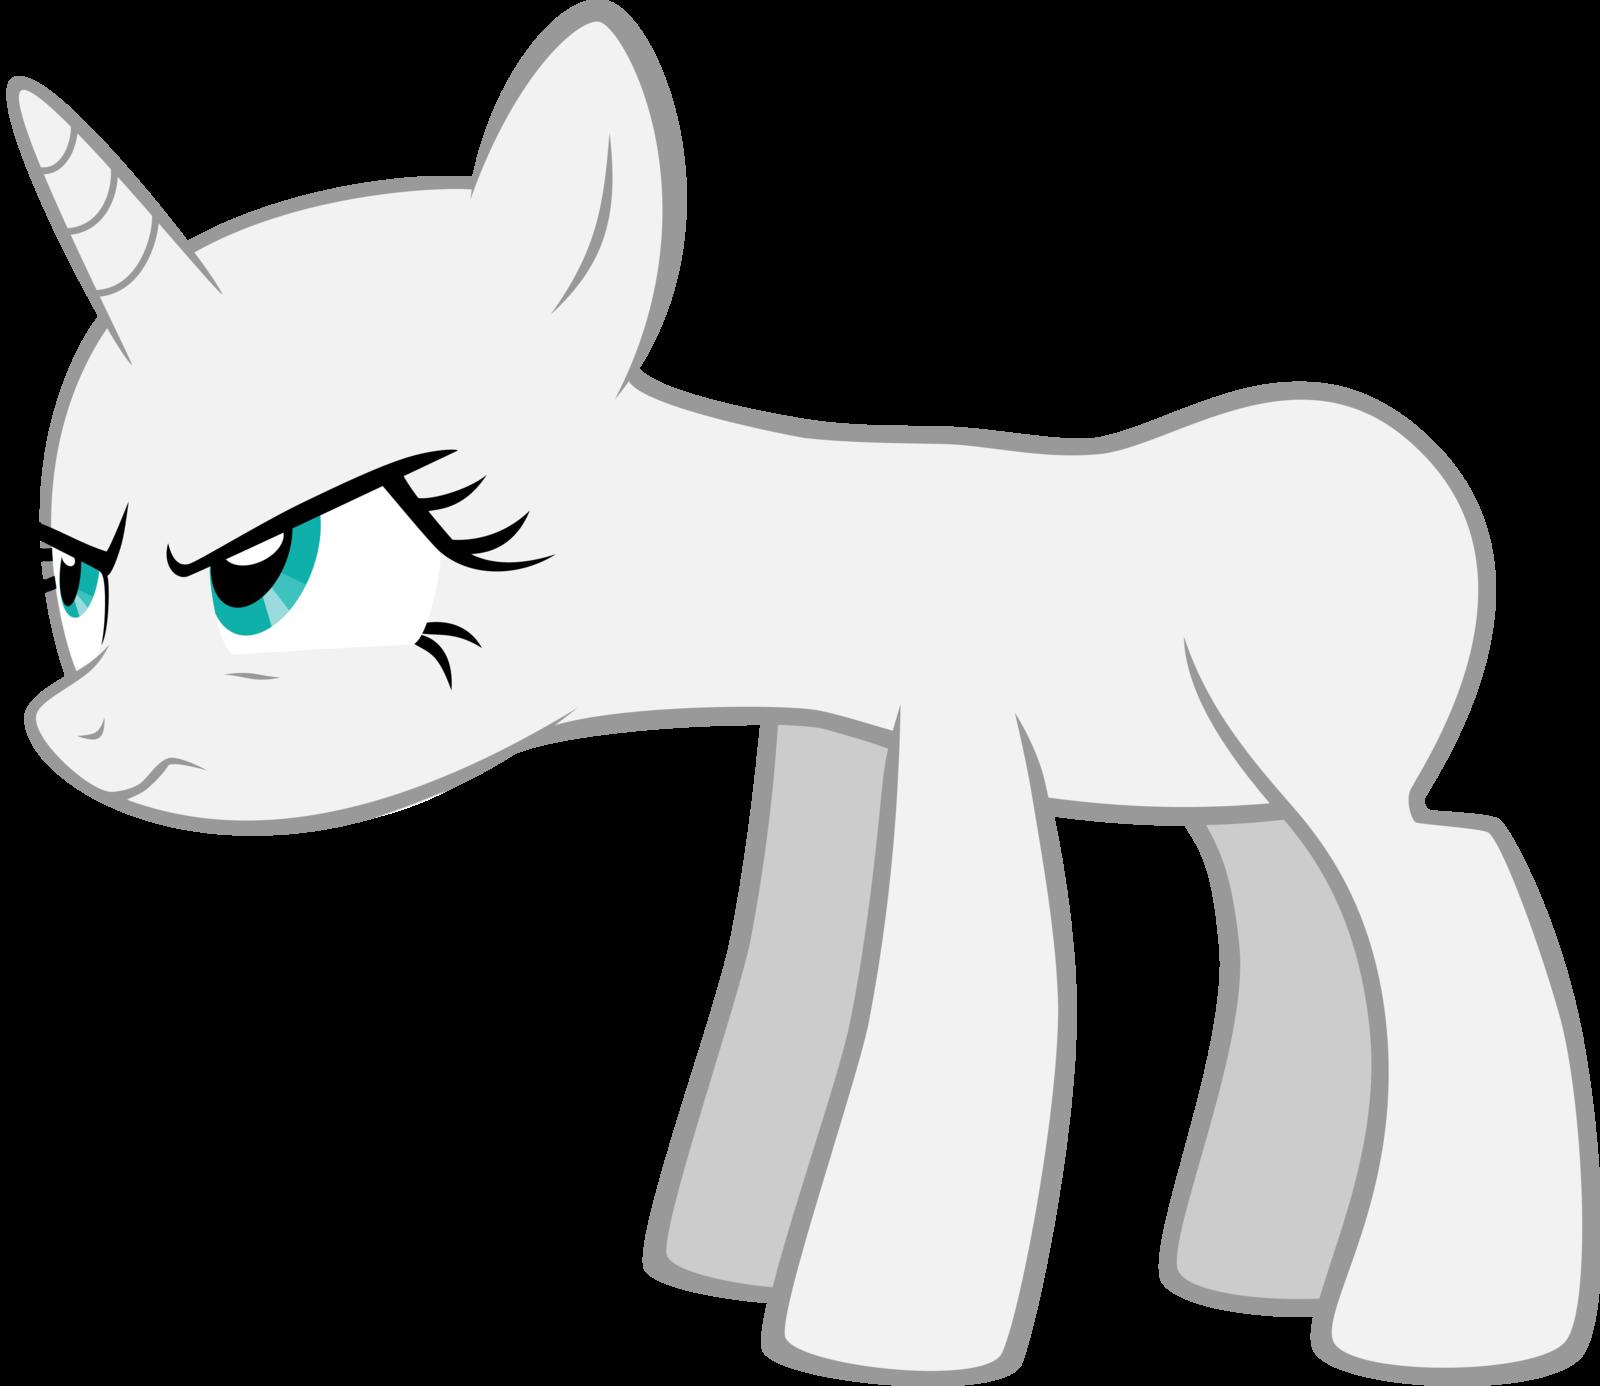 картинки пони без гривы единорога же, такие милые